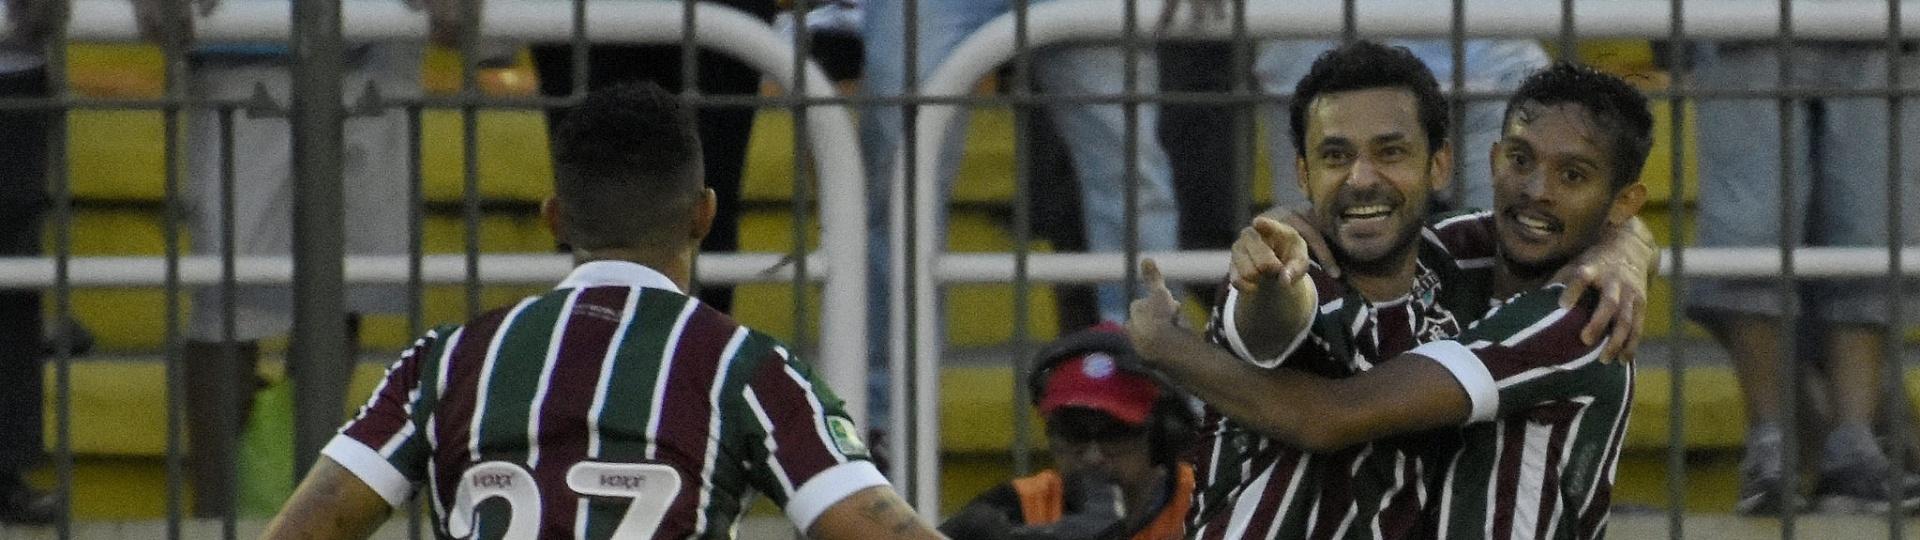 Fred comemora gol do Fluminense contra o Botafogo em clássico carioca pelo Brasileirão